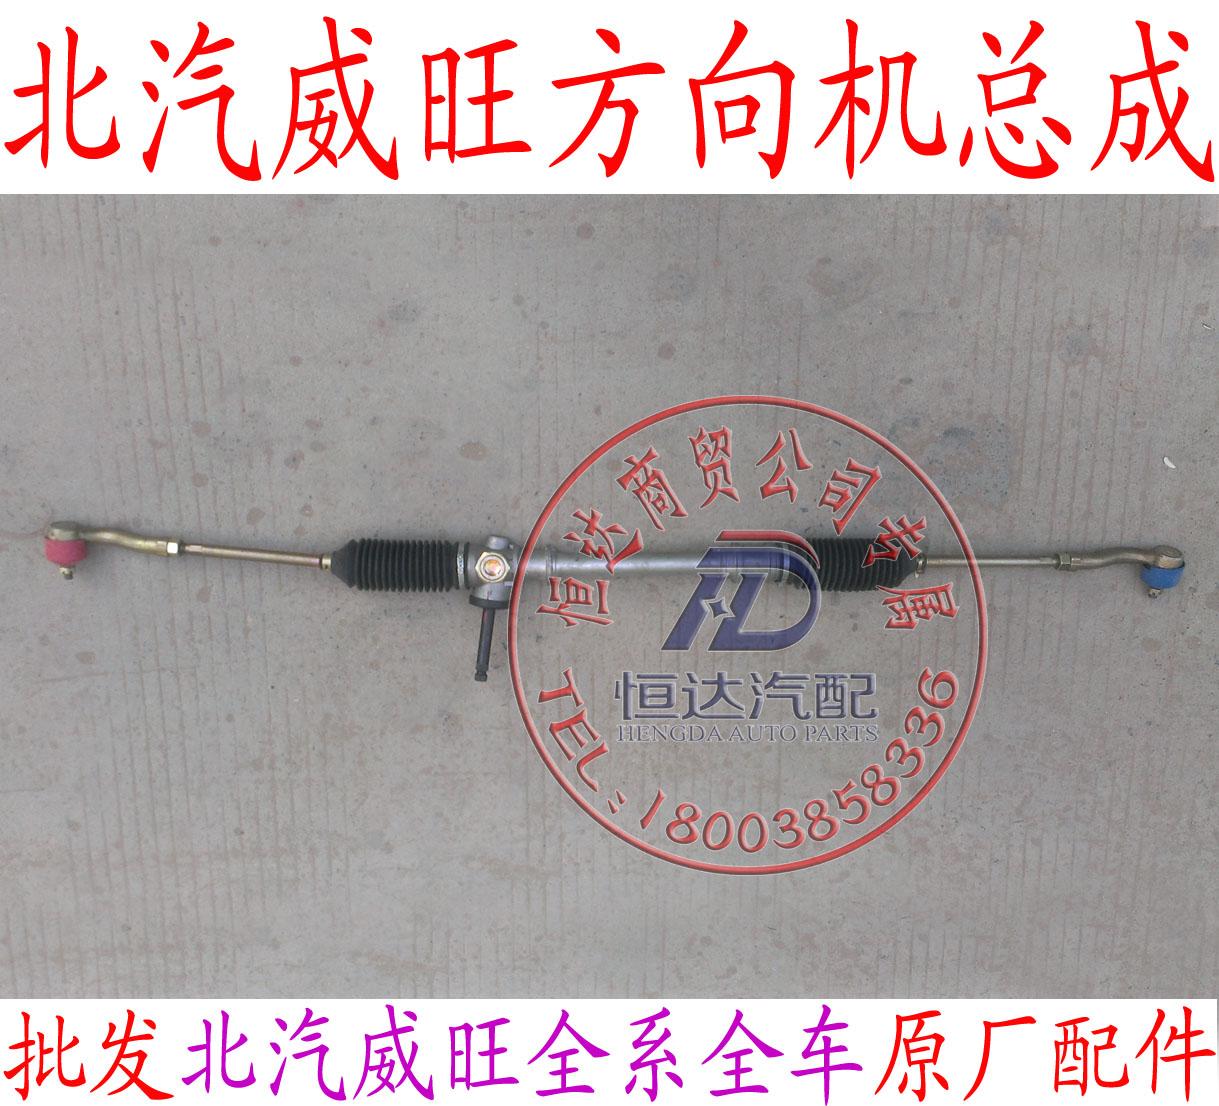 Пекин вэй ван 306 205 307 M20 magic speed H2H2E направление машинально ассамблея направление машинально оригинал